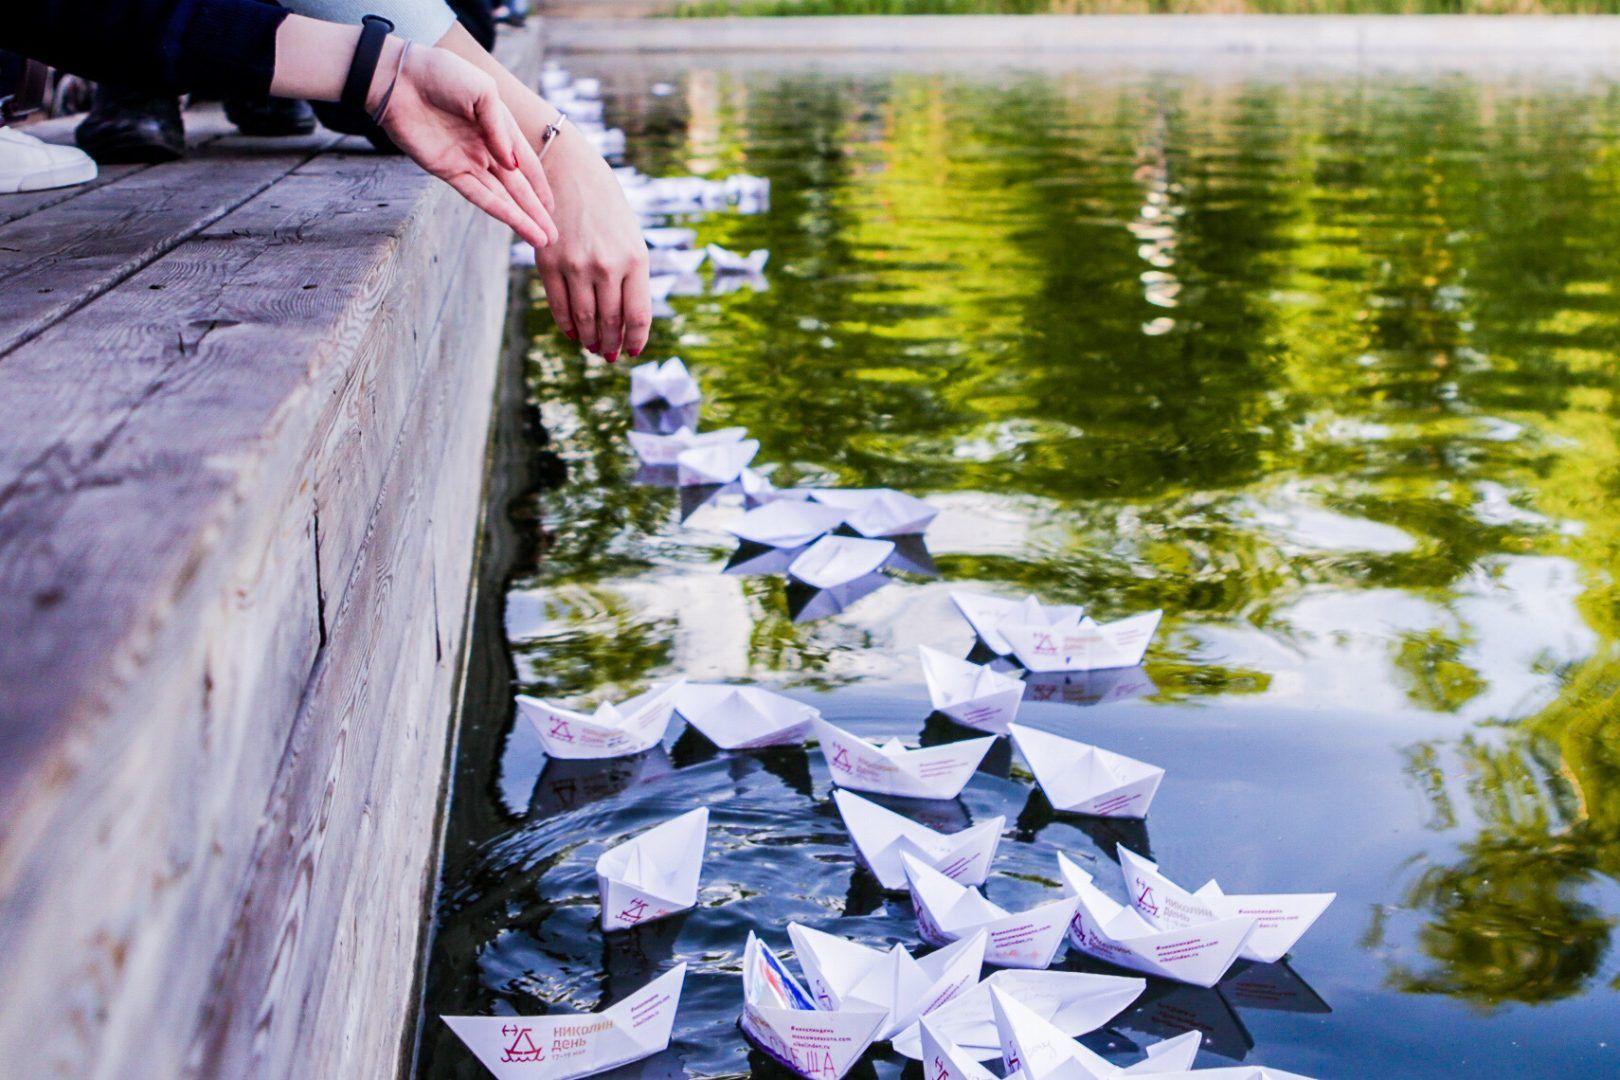 Москвичи запустили в водоемы 3300 бумажных и деревянных корабликов. Фото: официальная страница мэра Москвы Сергея Собянина в социальных сетях